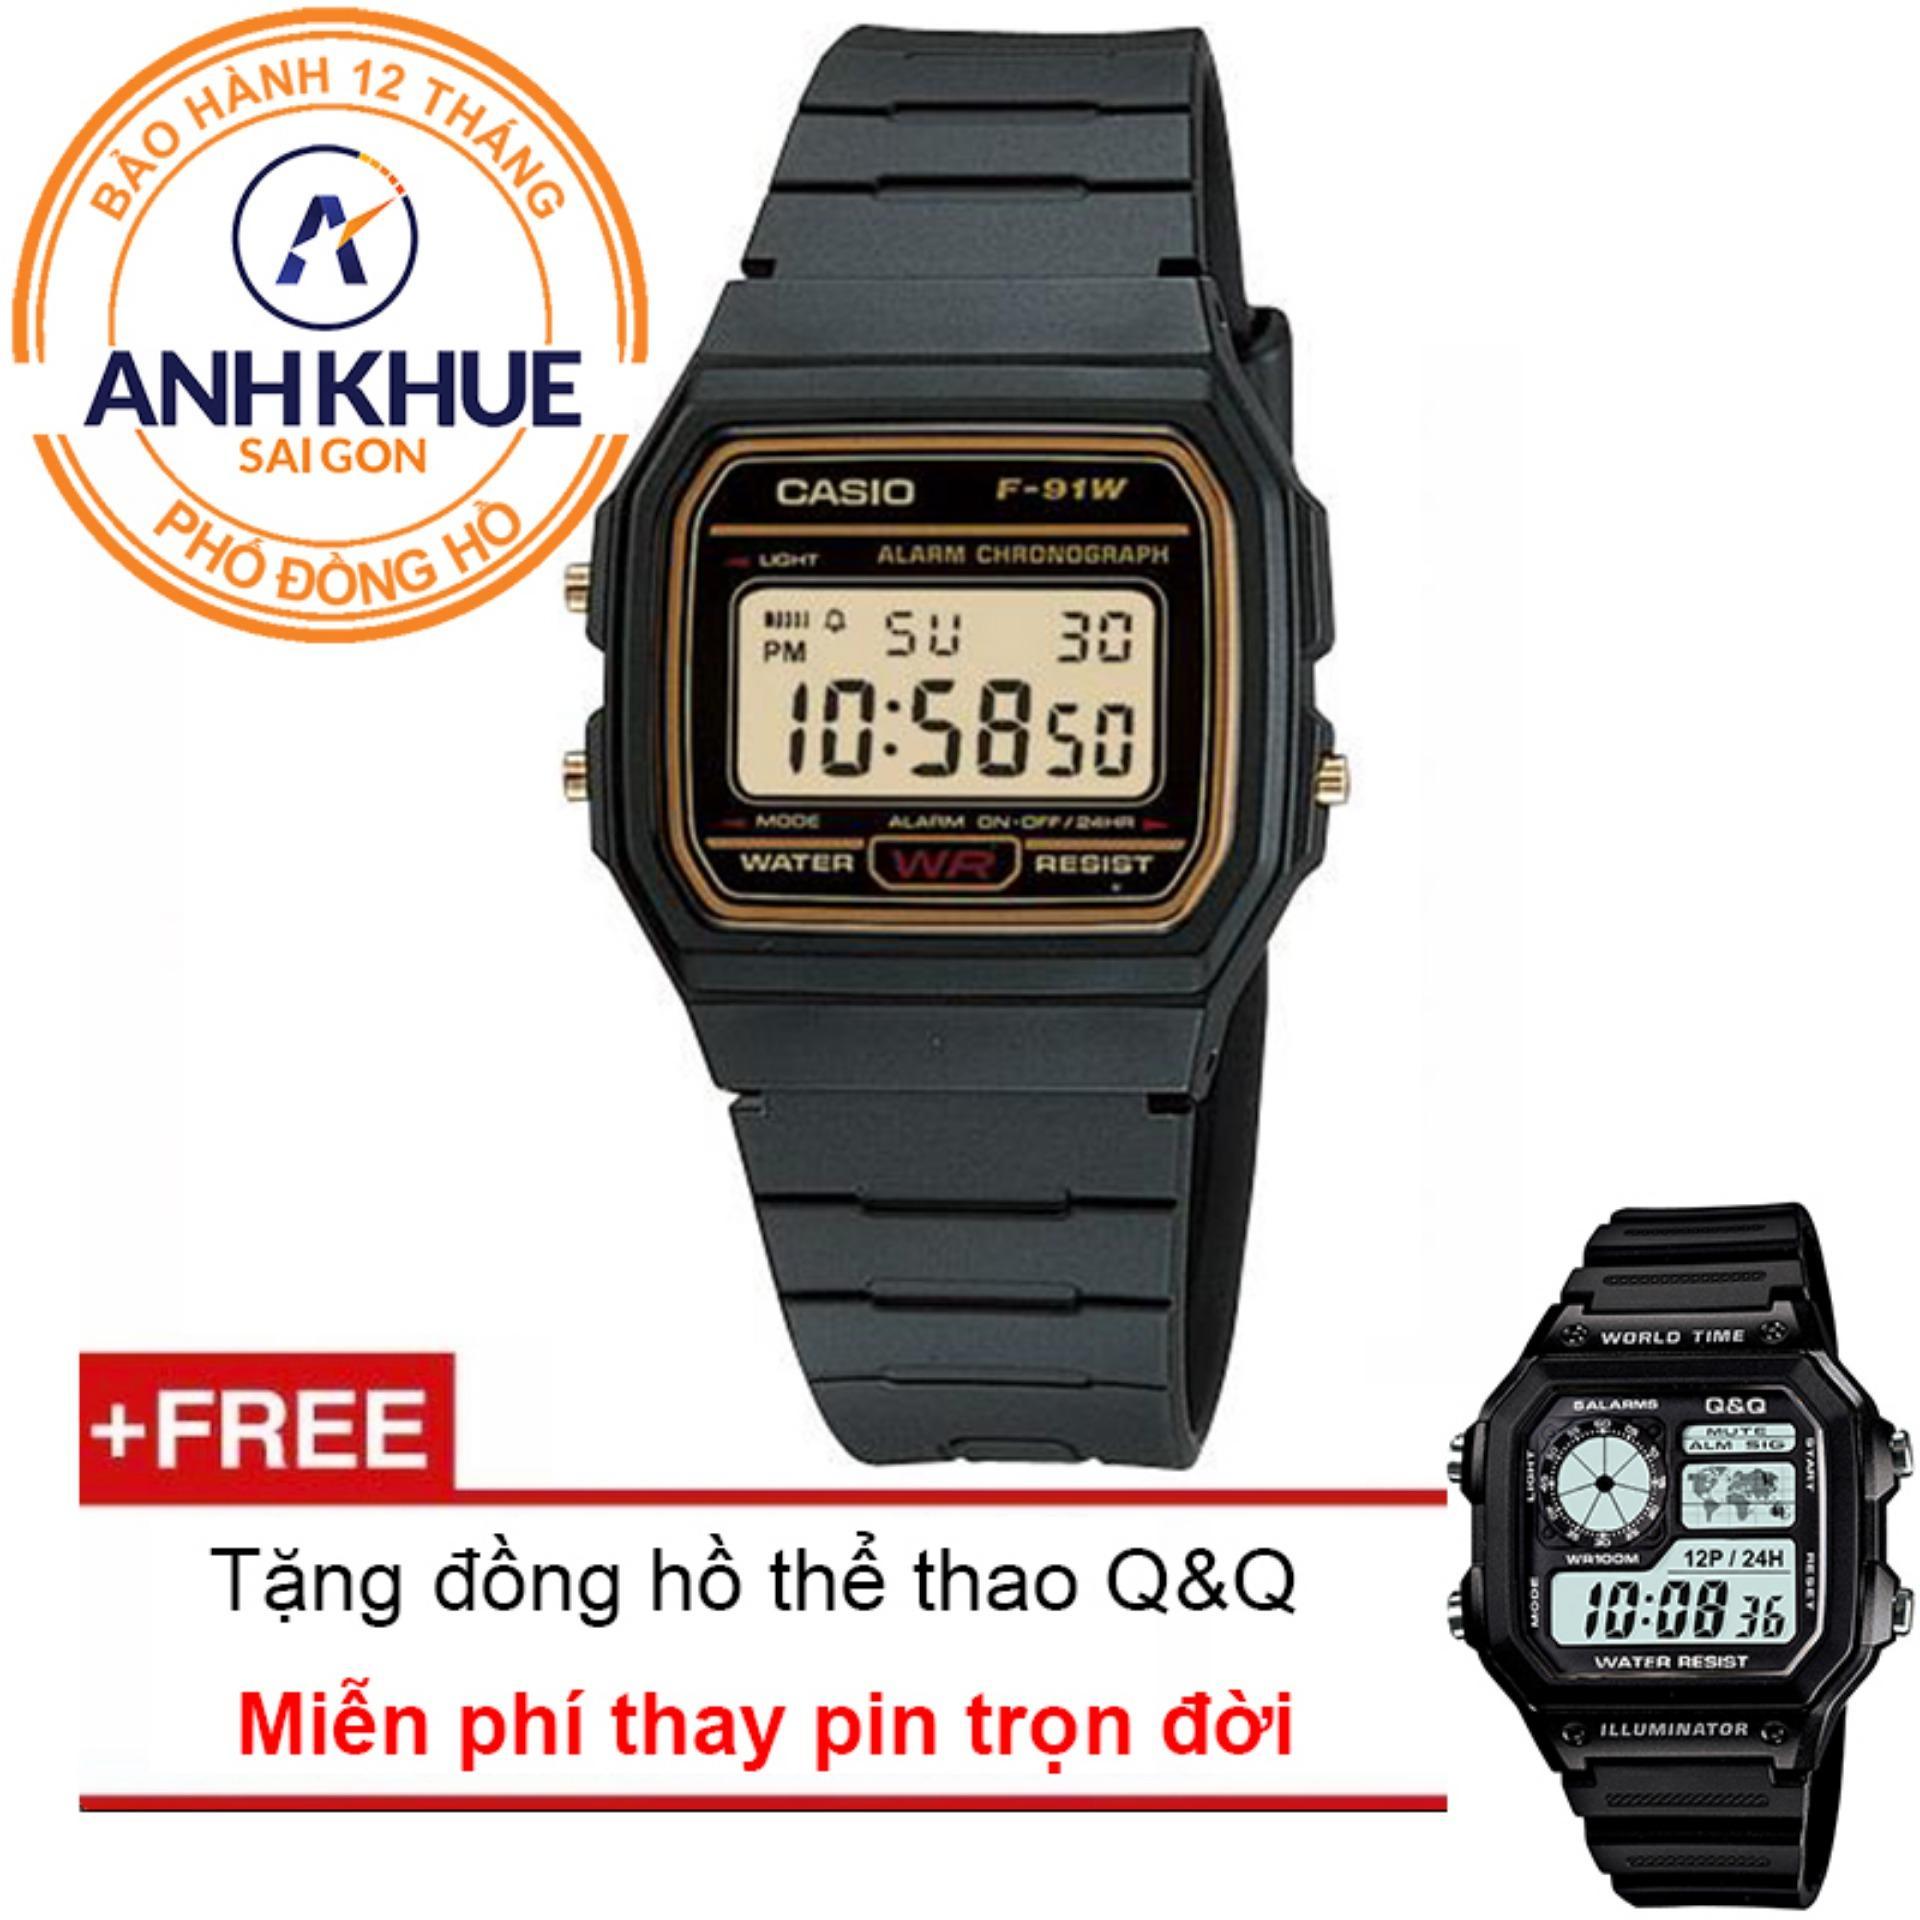 Đồng hồ dây nhựa huyền thoại Casio Anh Khuê F-91WG-9QDF + Tặng đồng hồ thể thao Q&Q